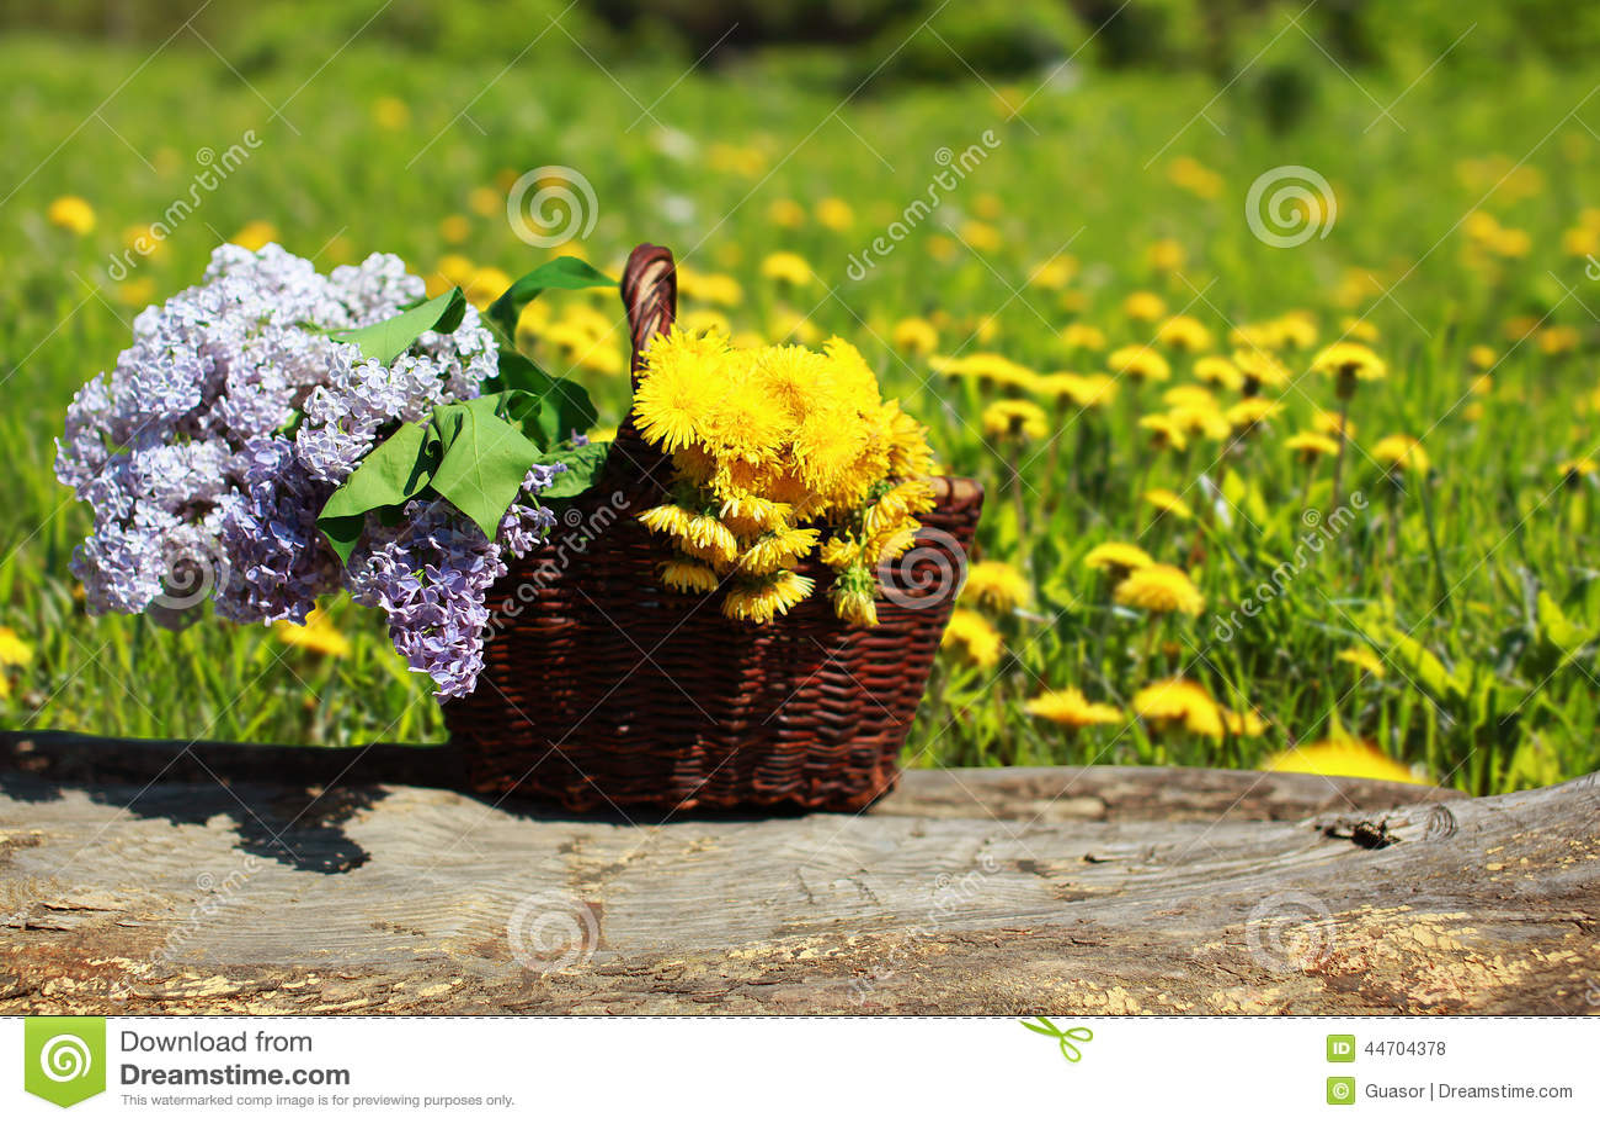 晴朗的夏天背景篮子用黄色蒲公英和丁香